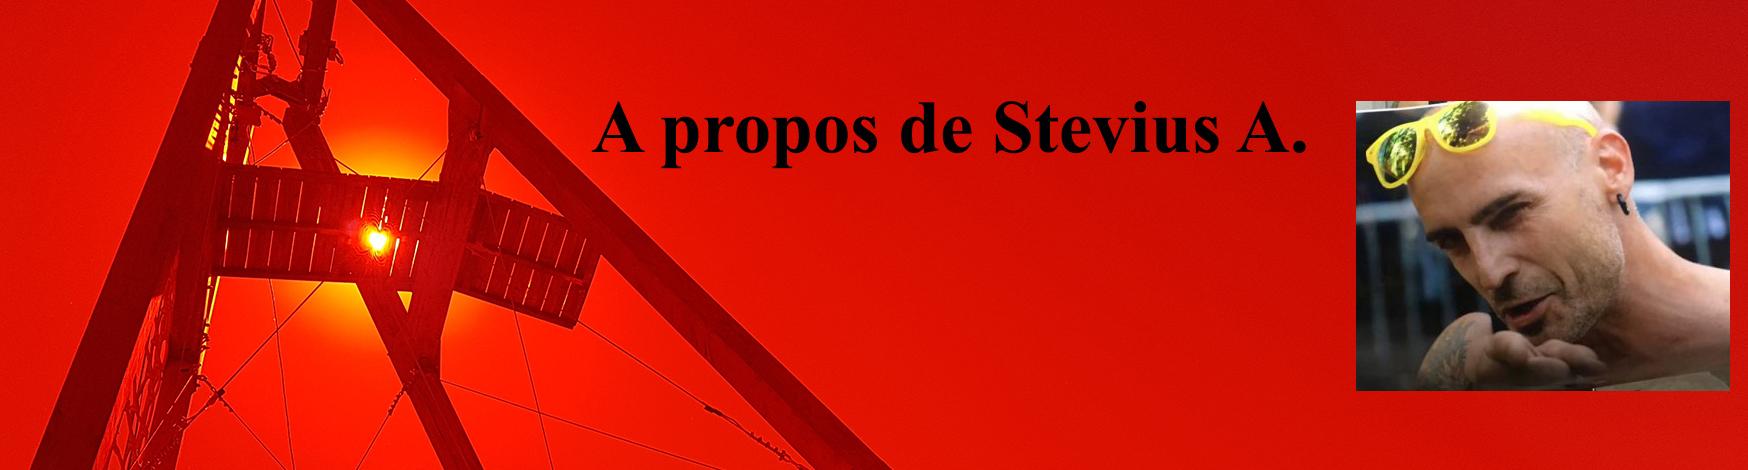 Bannière de A propos de Stevius A, biographie